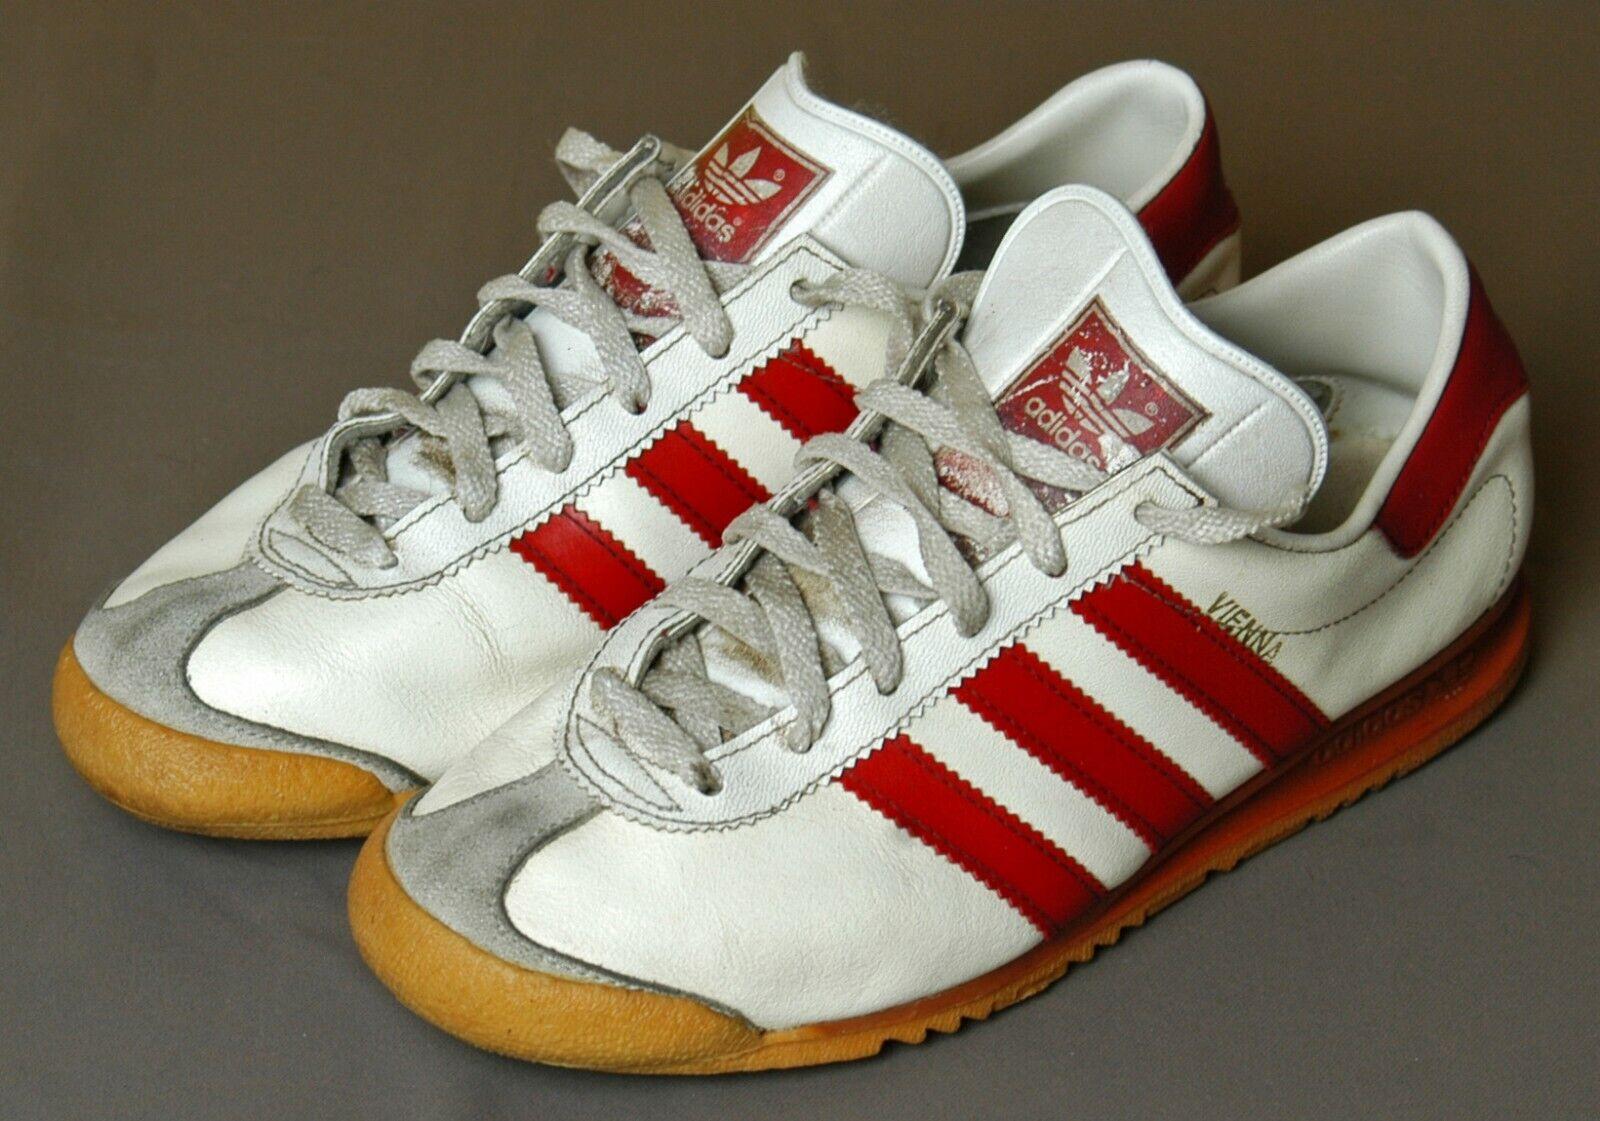 Adidas VIENNA, Gr. 36   UK 4, Weiß   Rot, Leder, 70er Jahre Made in West Germany